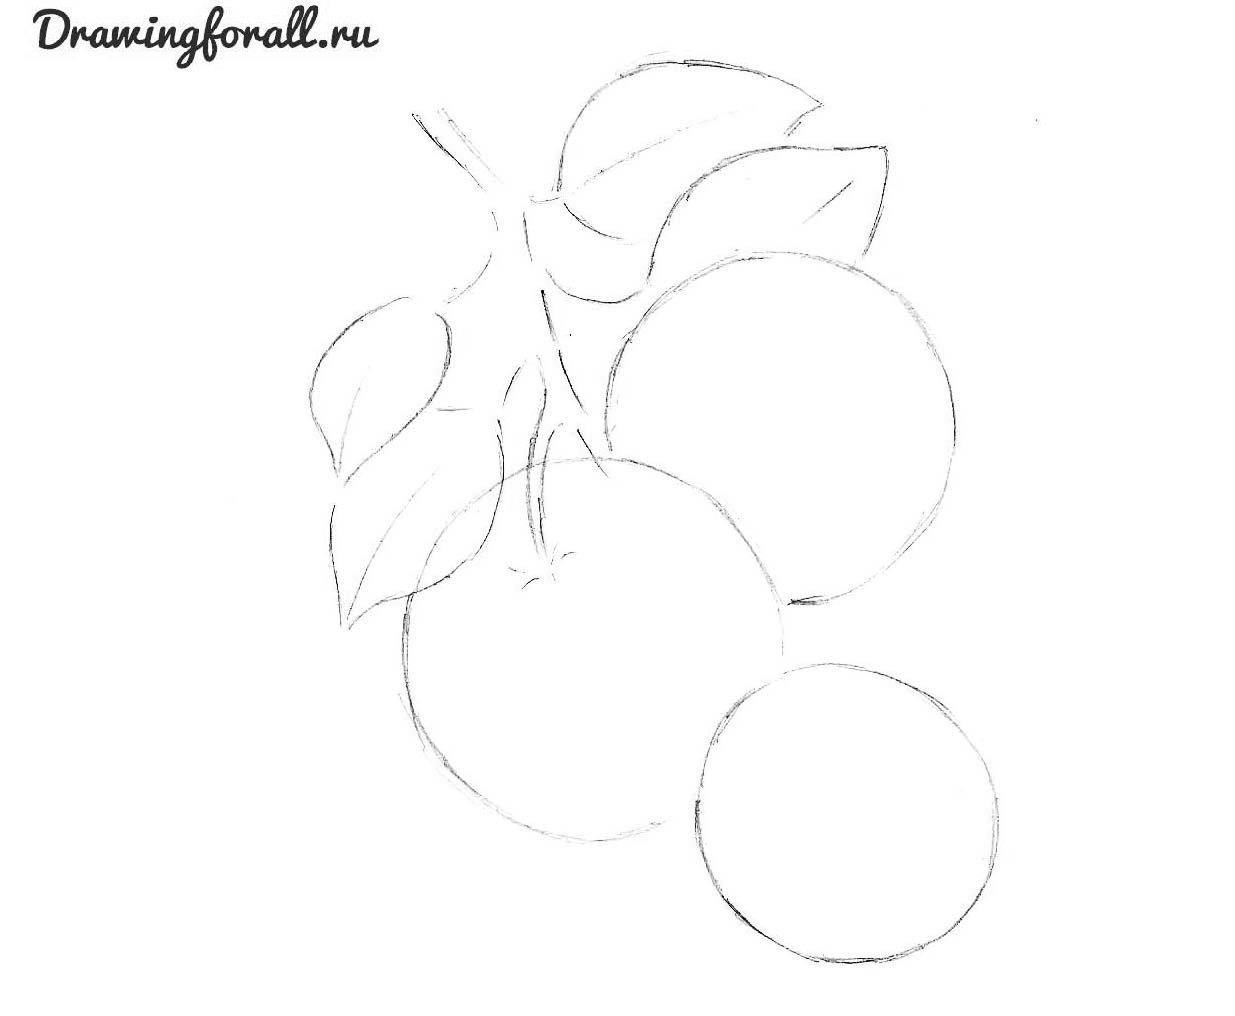 как нарисовать апельсин карандашом